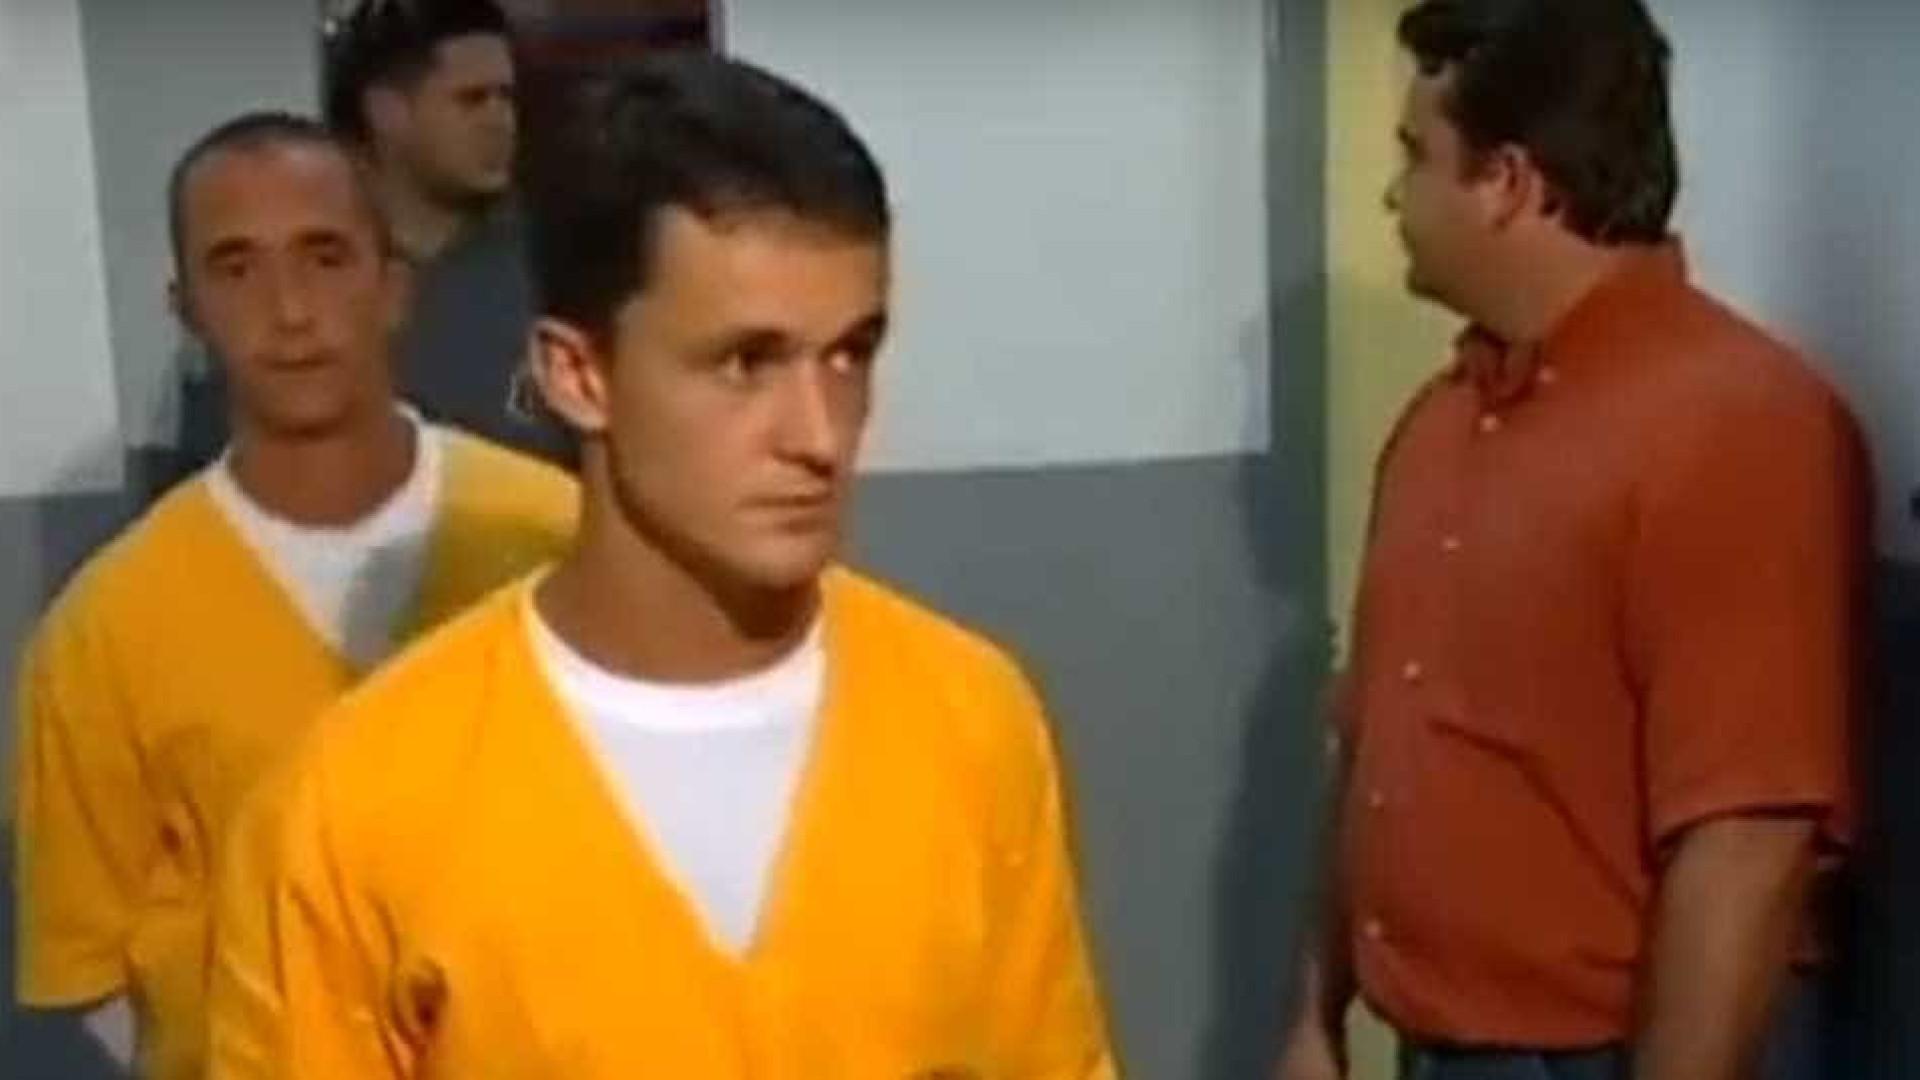 Condenado por morte de casal Richthofen, Daniel Cravinhos sai da prisão